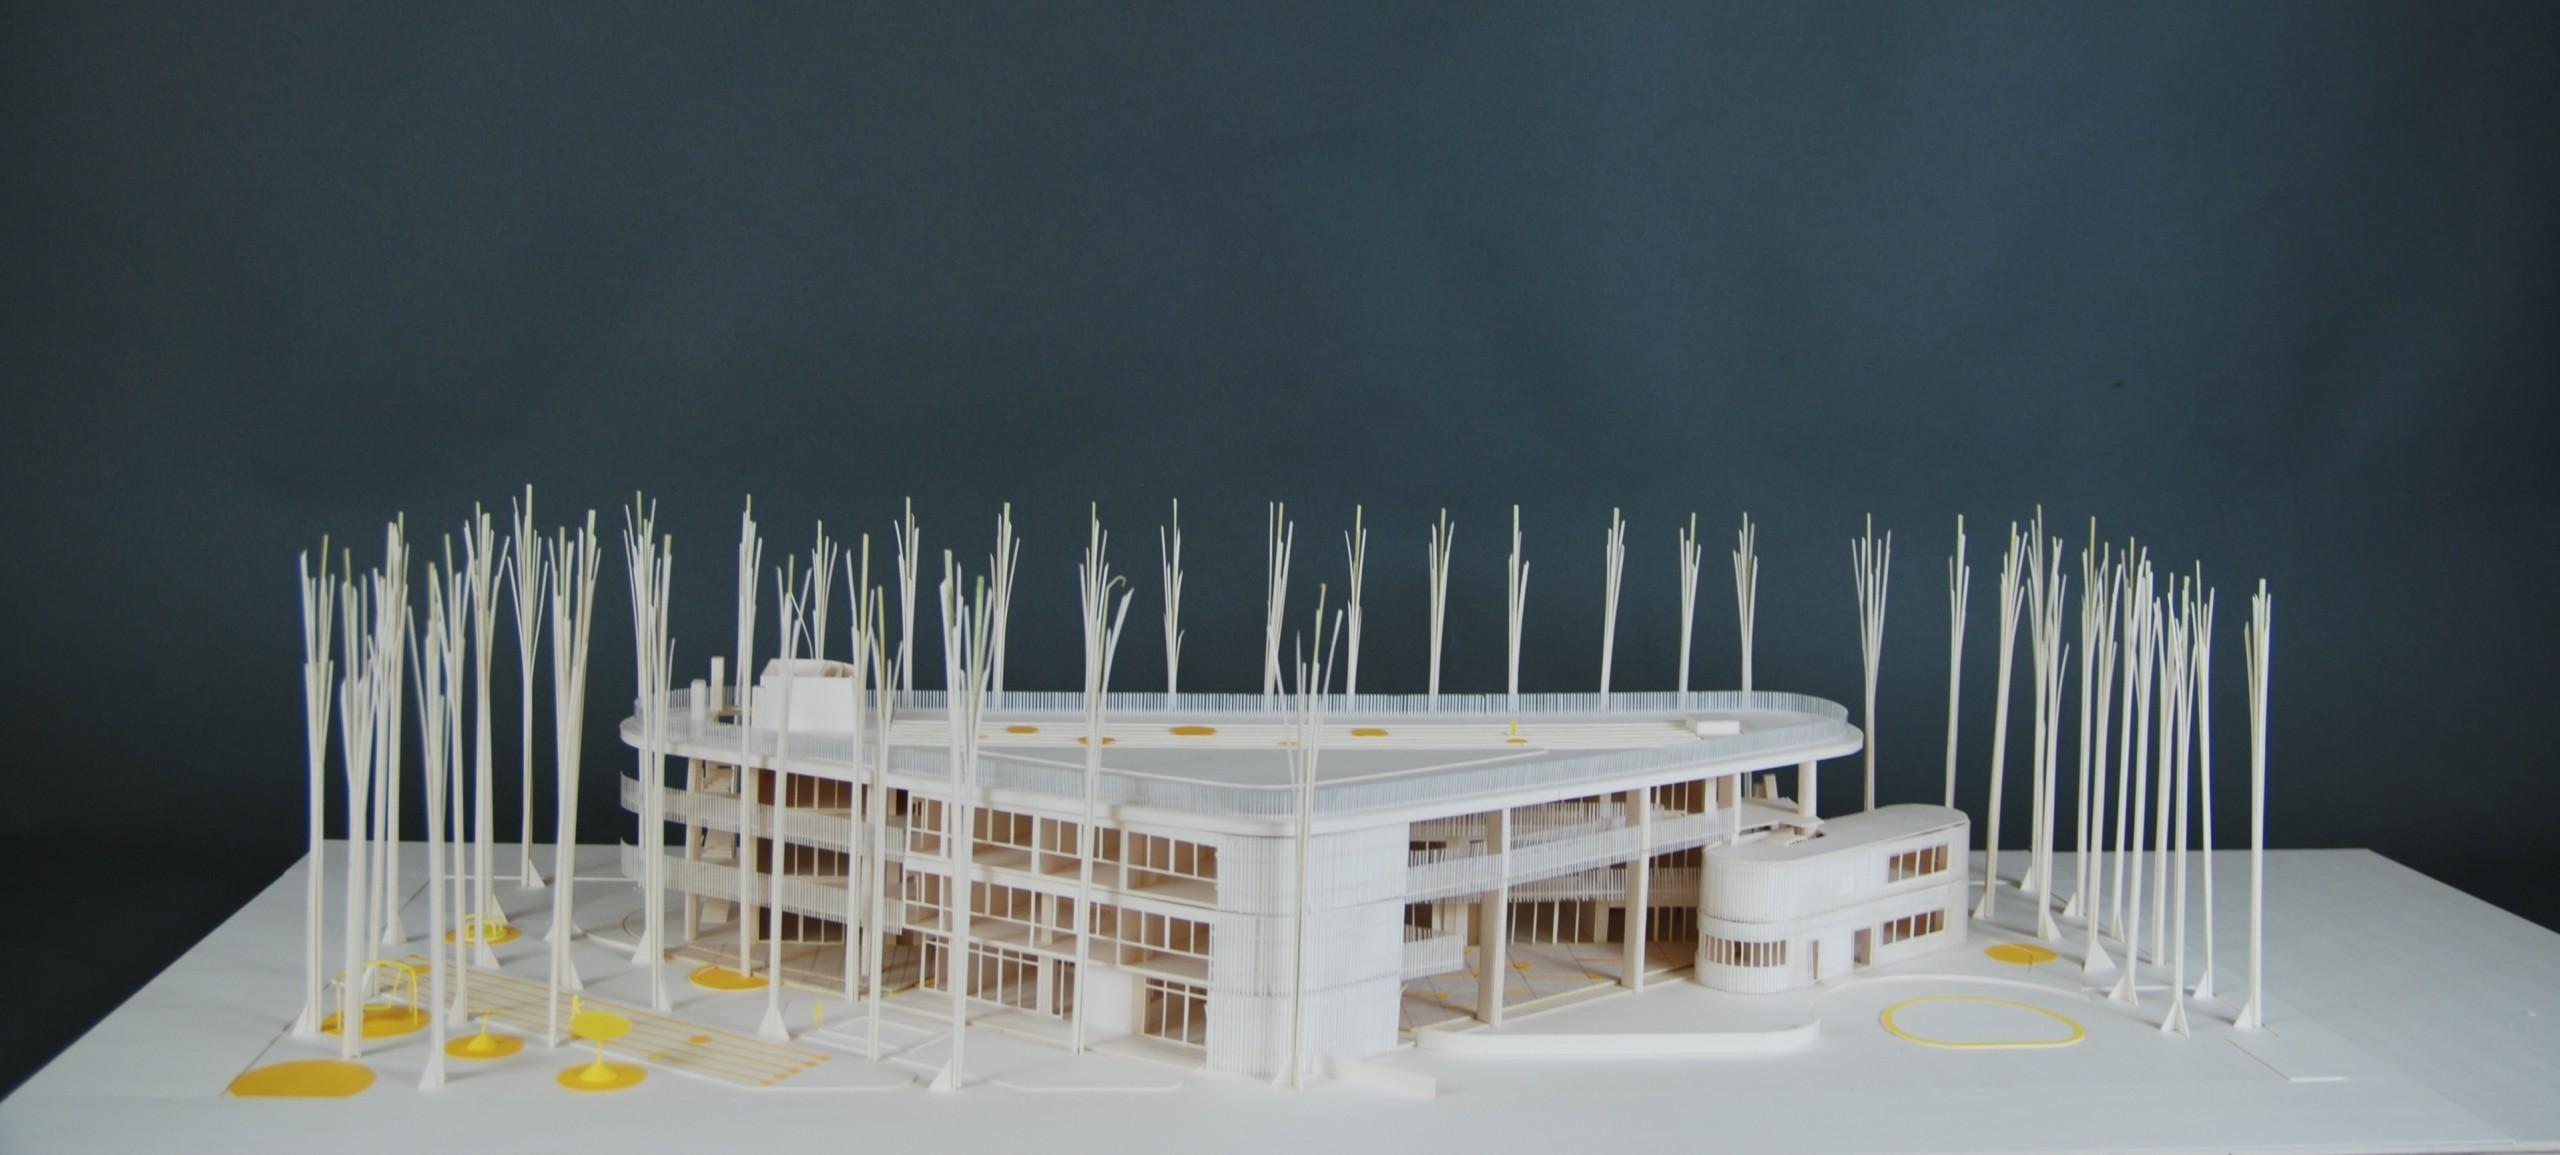 德築-DEZU-project-淡海大芽幼兒園-architecture-building-model-1